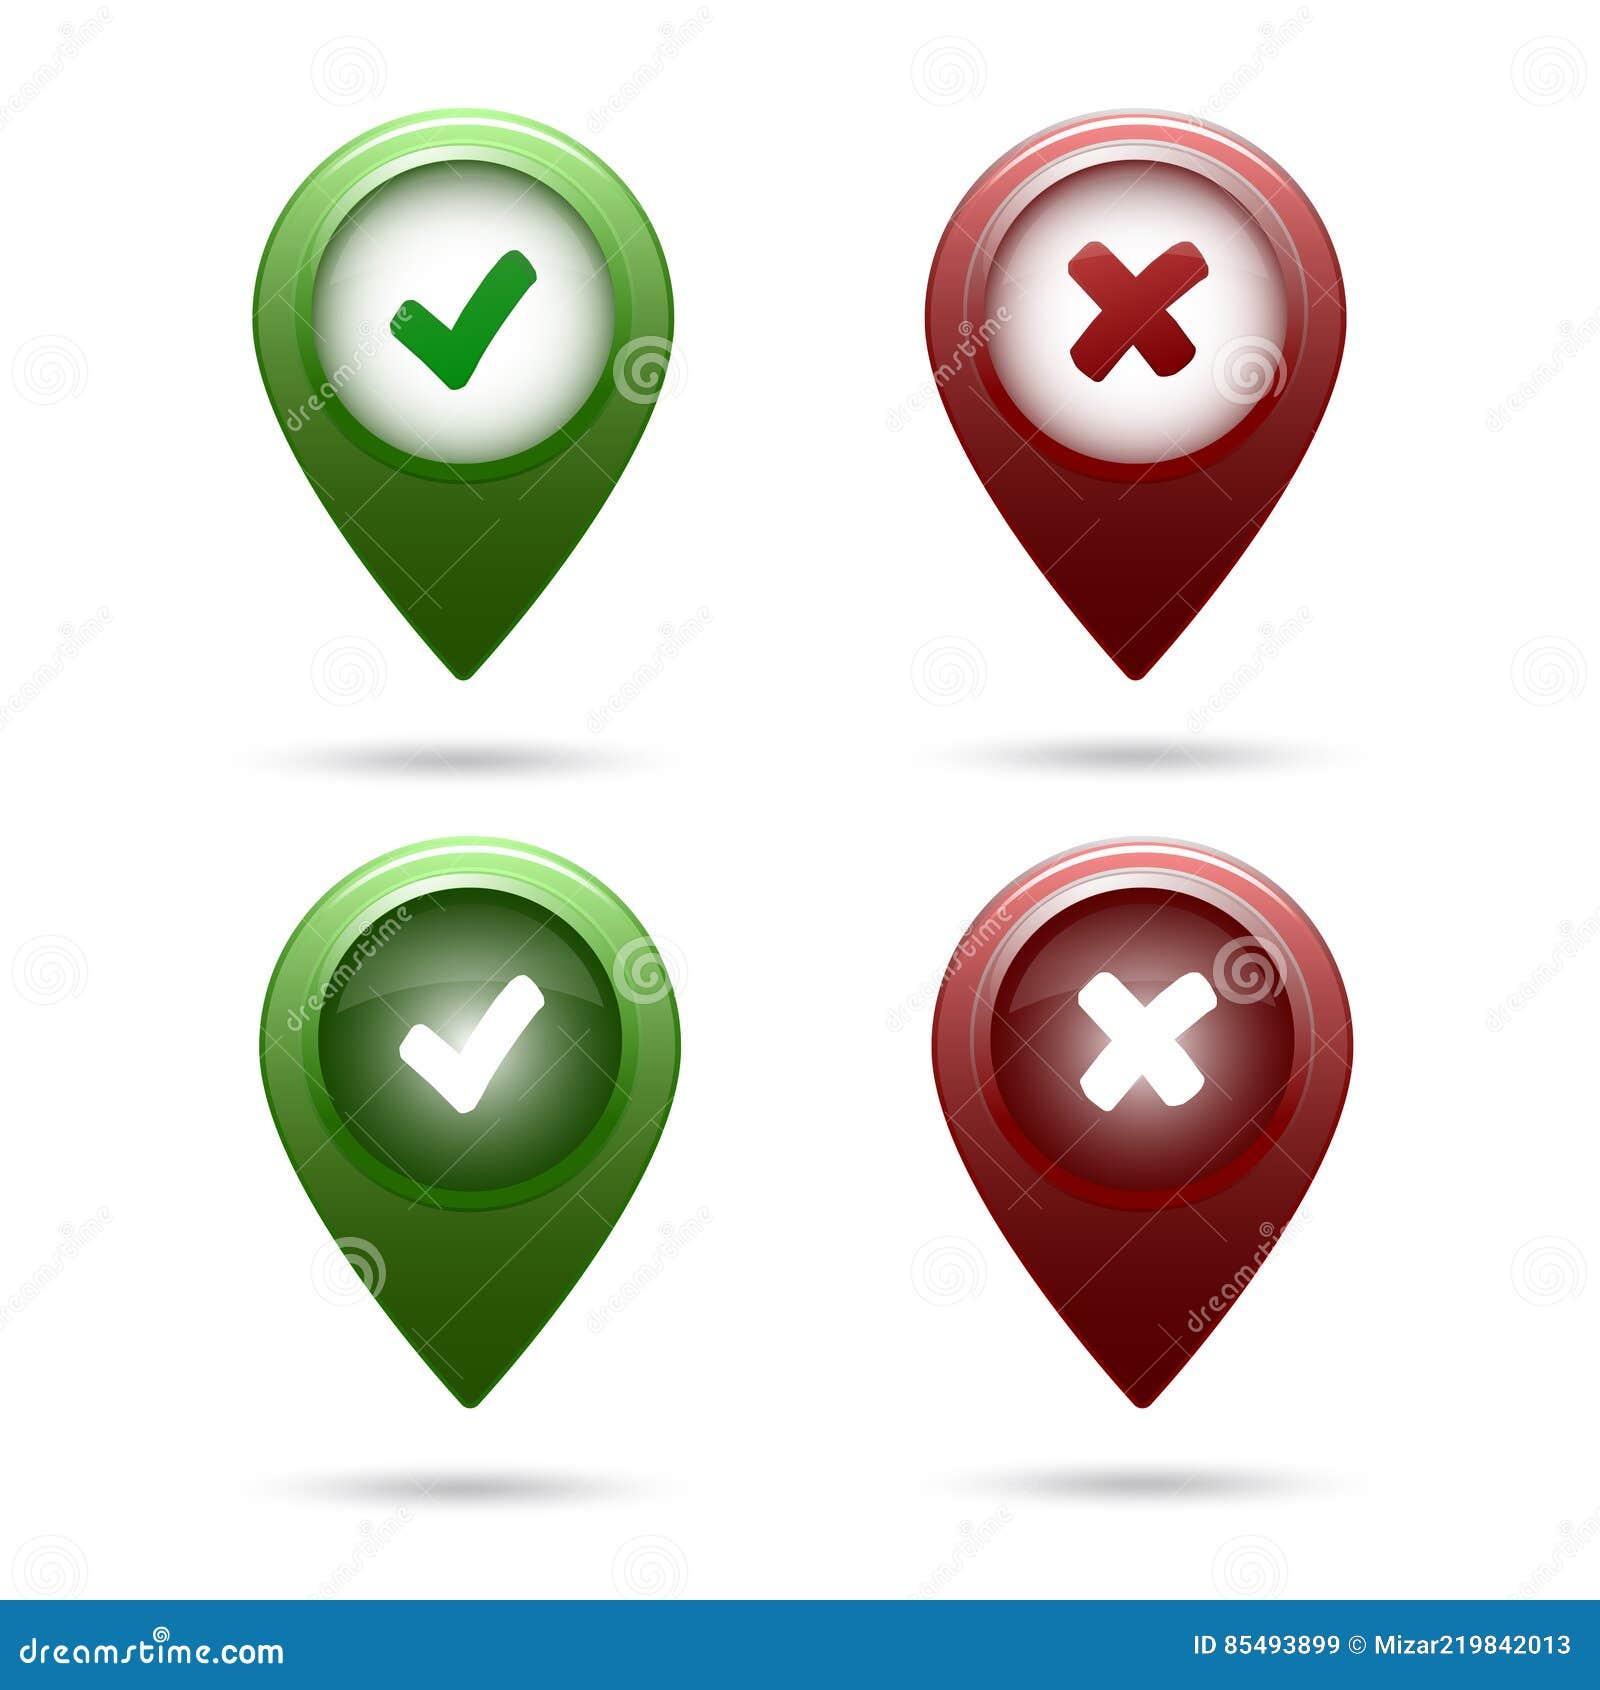 Kreuz Karte.Gesetzte Zecke Und Kreuz Der Markierung Der Farbigen Karte Vektor